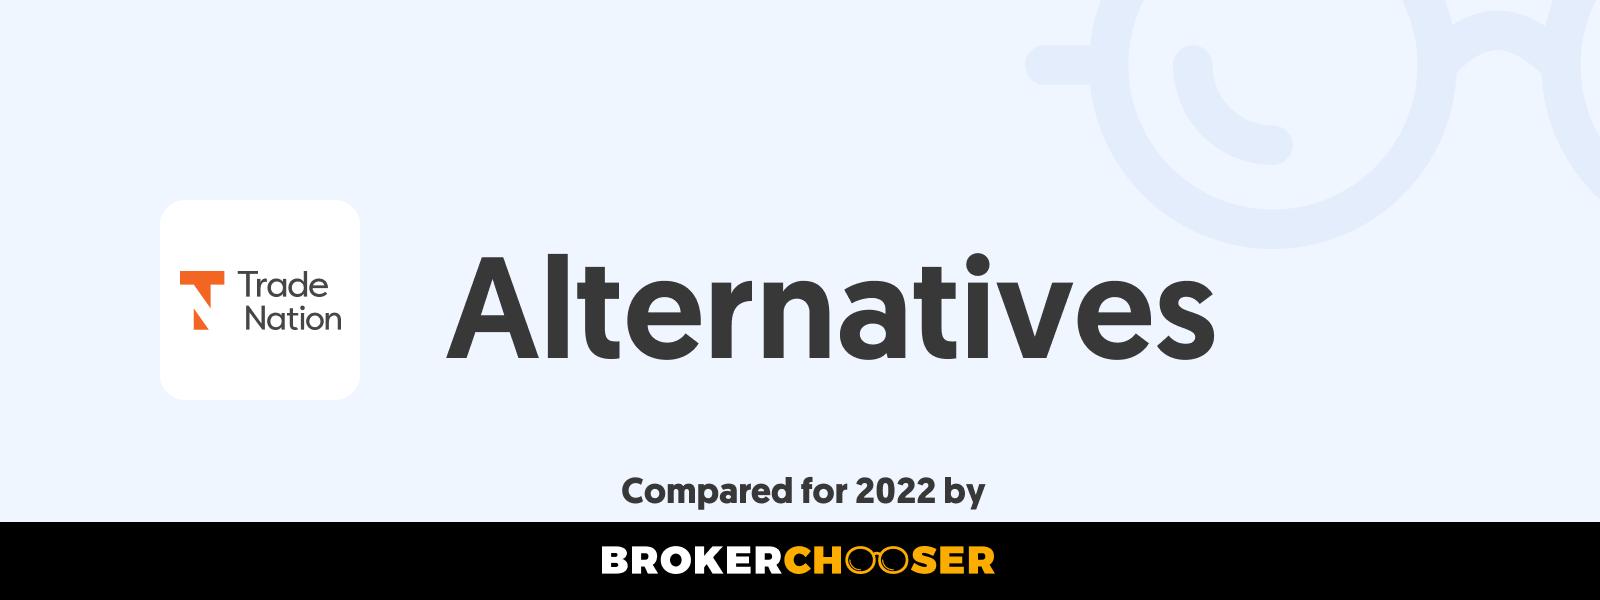 Trade Nation Alternatives